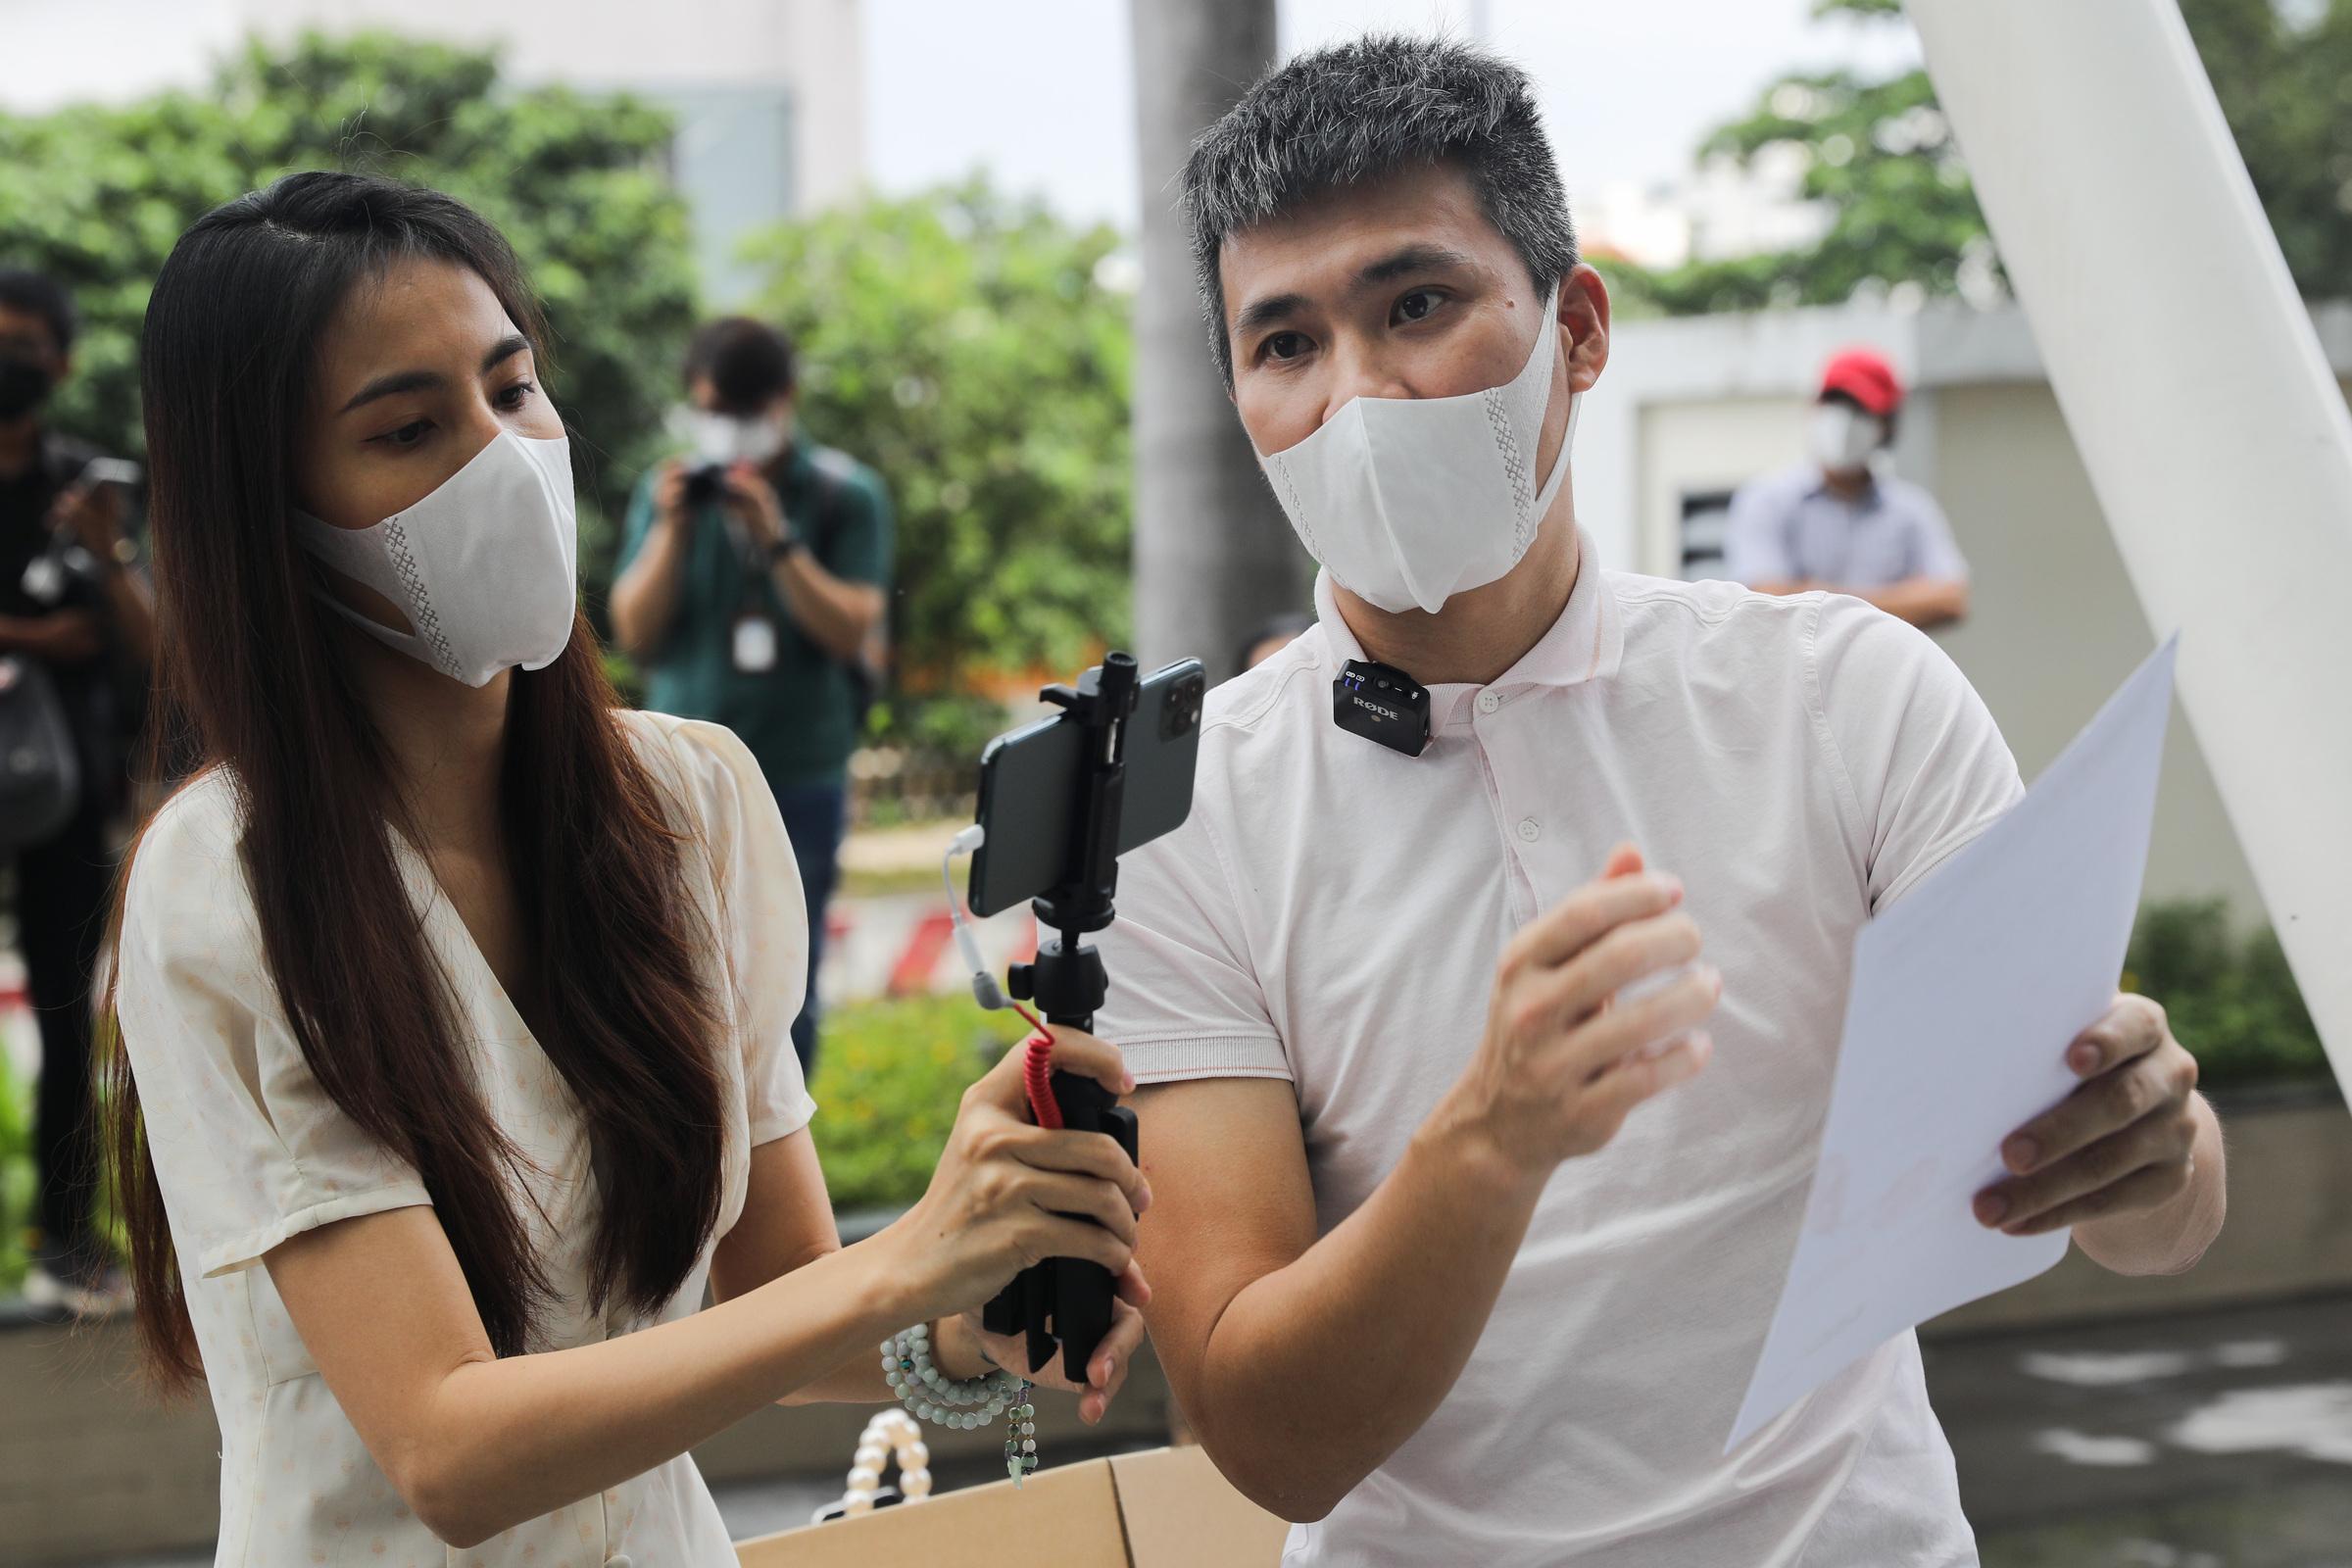 Vợ chồng Thủy Tiên đến ngân hàng sao kê hơn 177 tỷ đồng kêu gọi quyên góp hỗ trợ người miền Trung năm ngoái. Ảnh: Quỳnh Trần